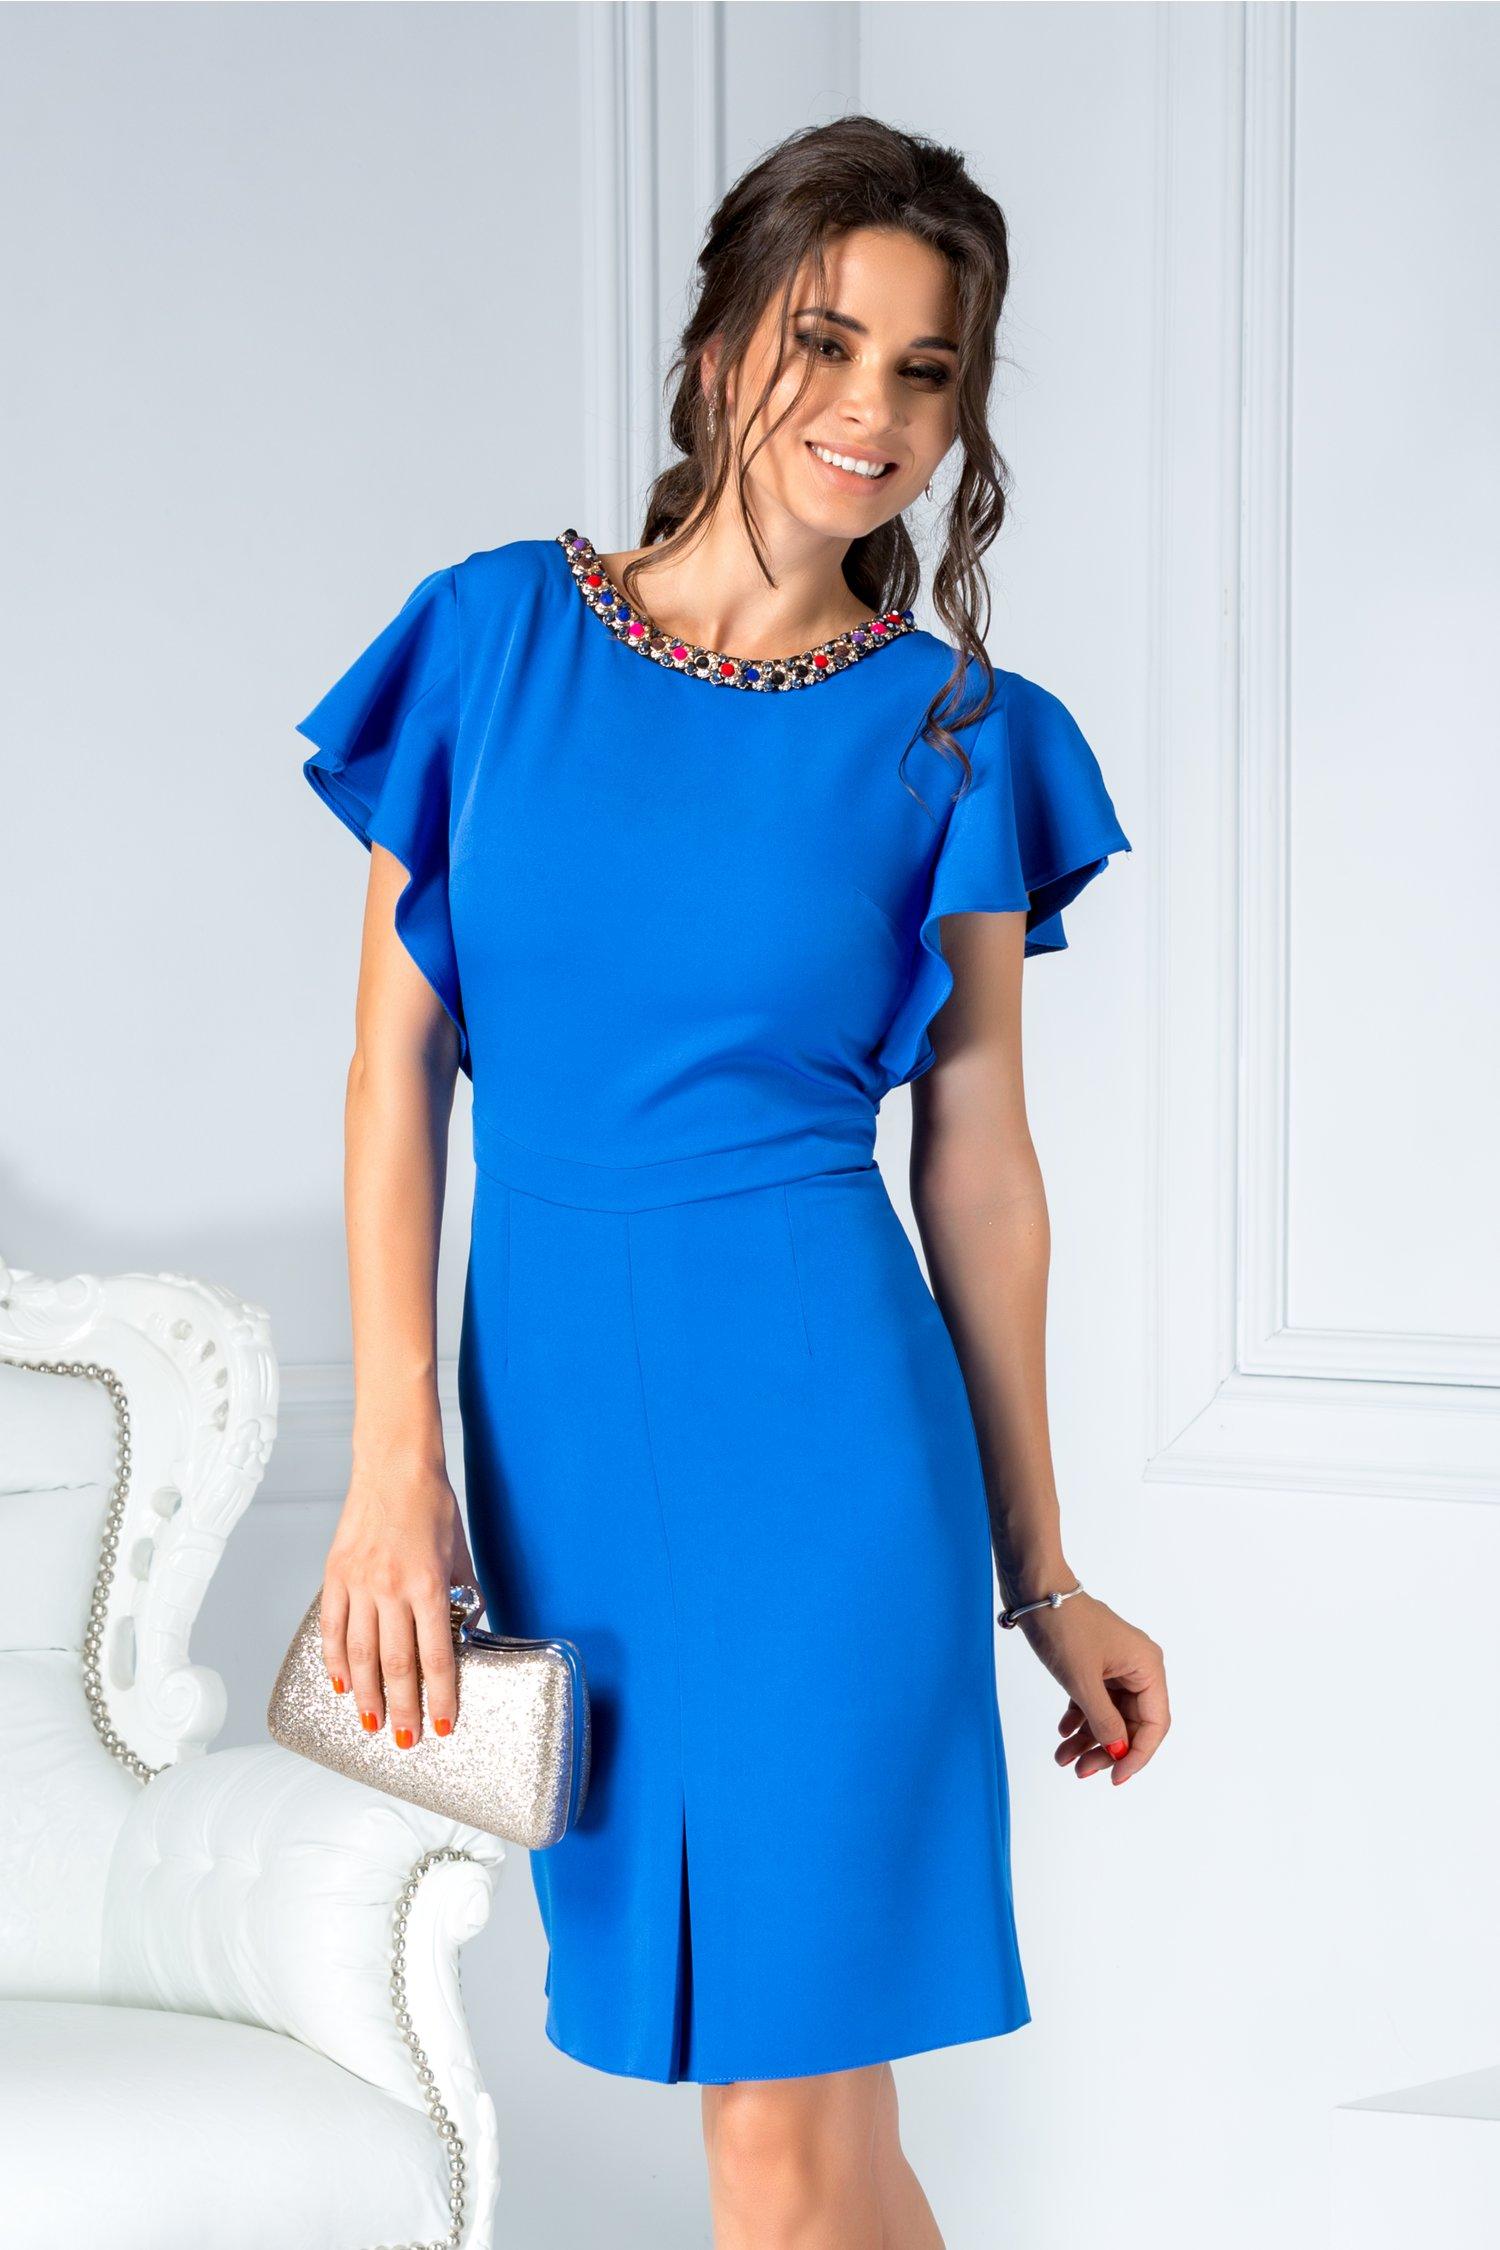 Rochie Lara albastra de ocazie cu aplicatii la guler